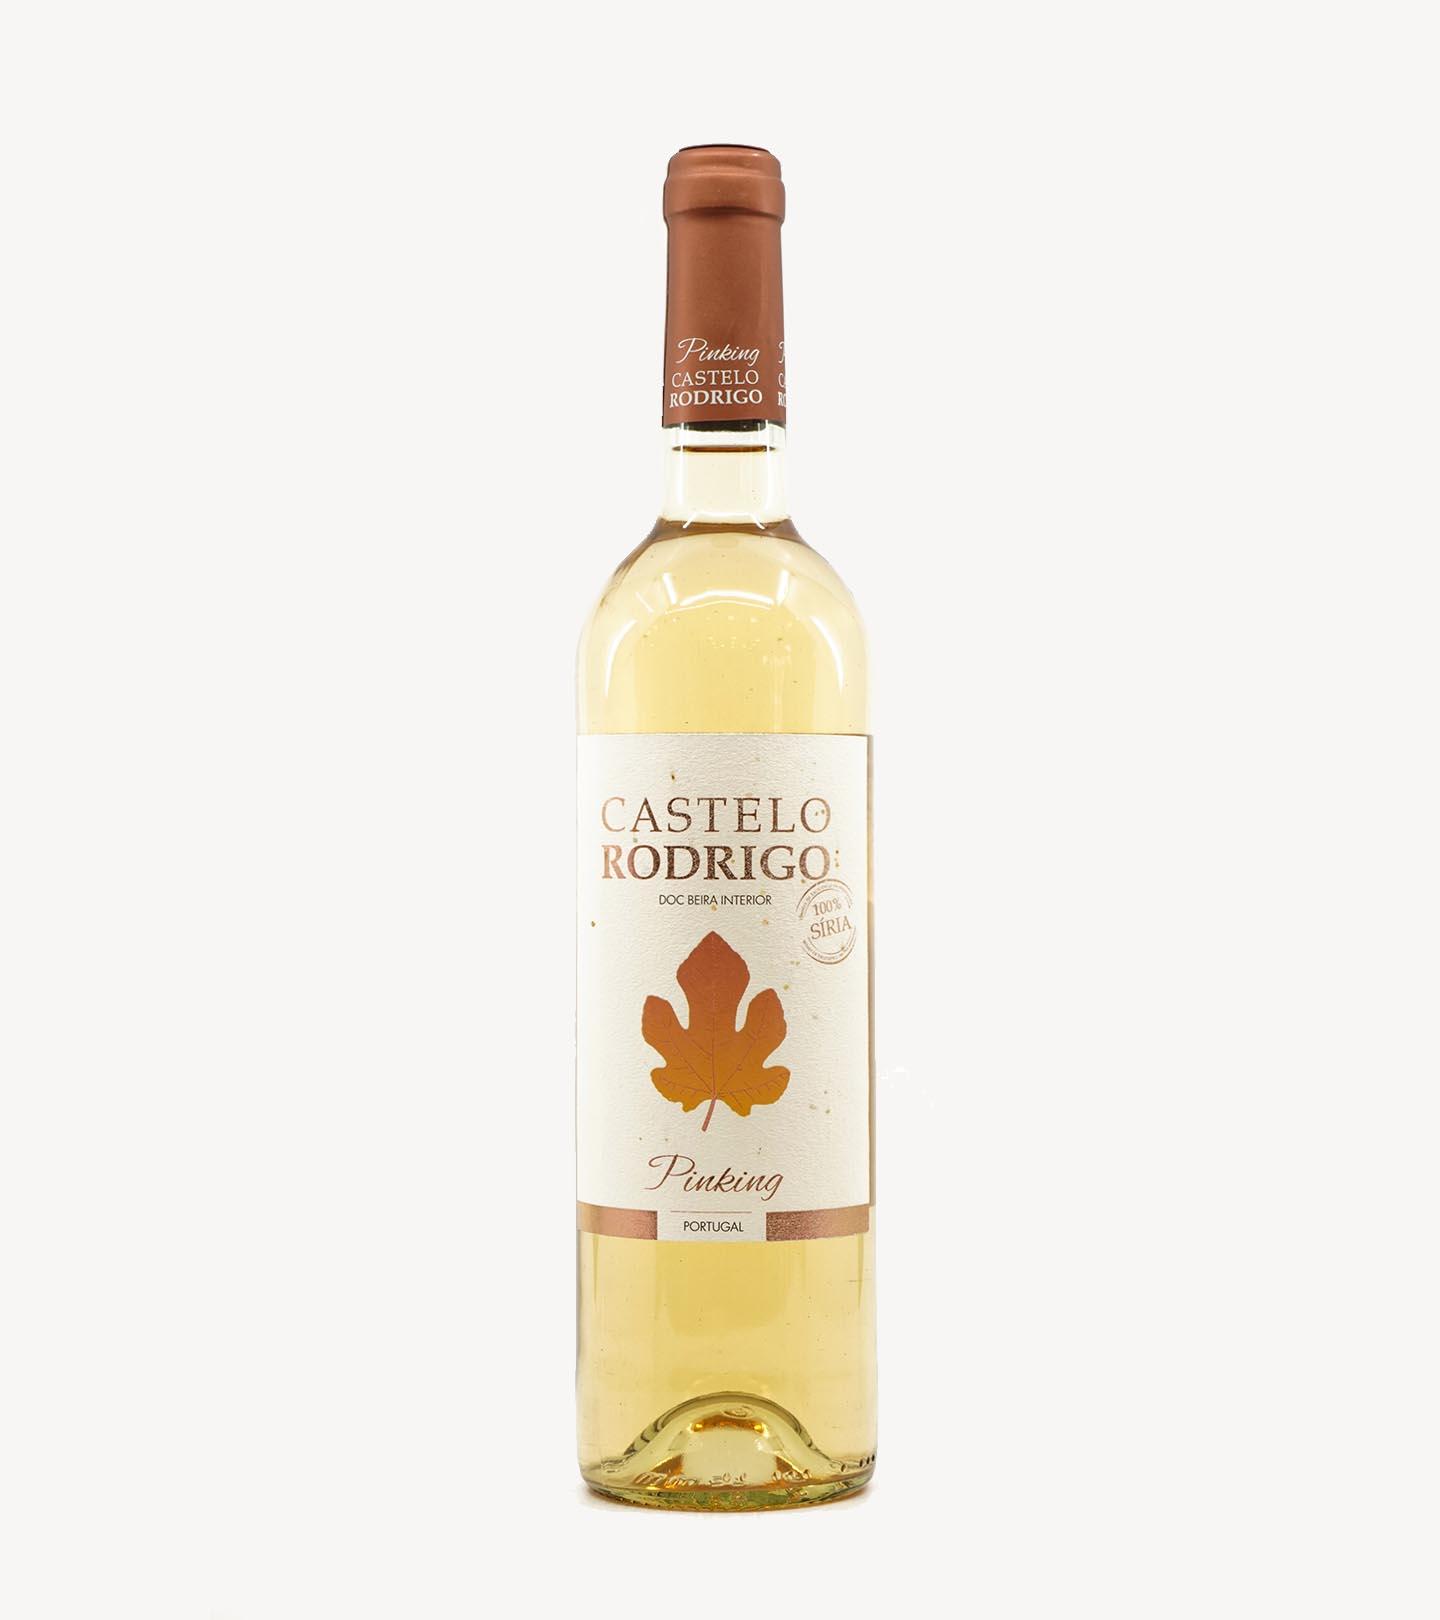 Vinho Branco Pinking Beira Interior Castelo Rodrigo 75cl